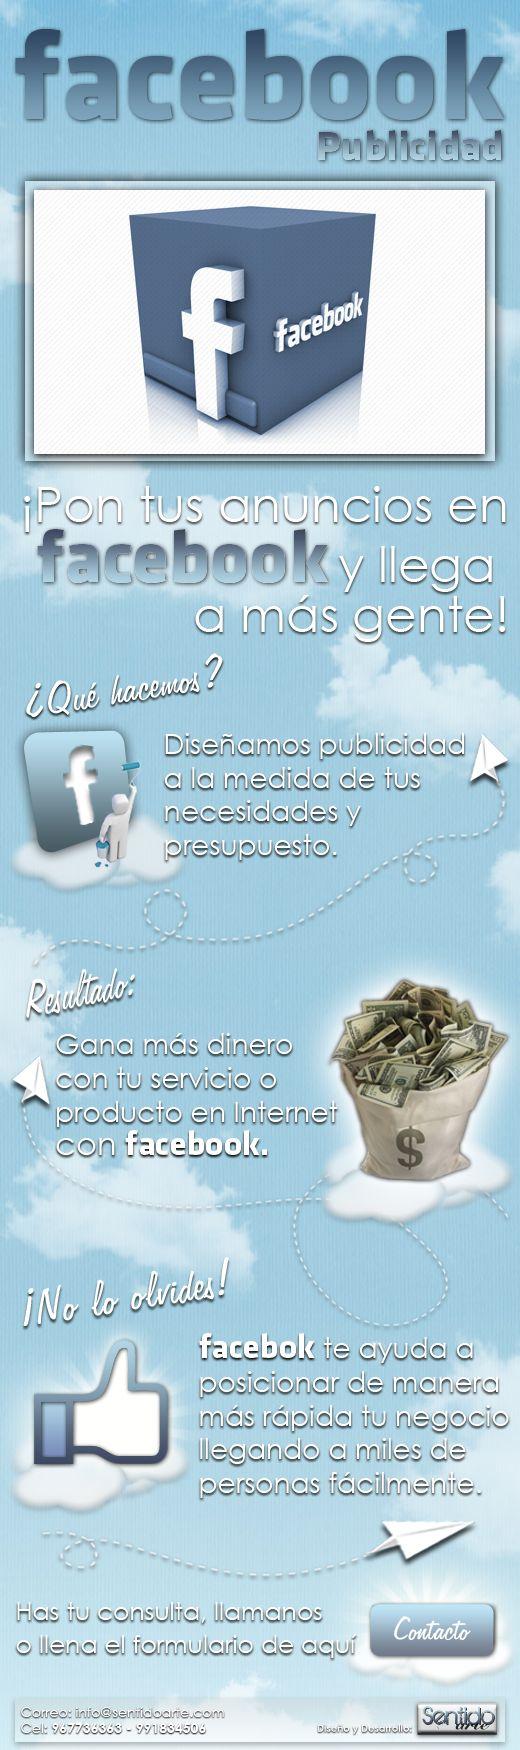 Landing page Sentidoarte.com en Facebook